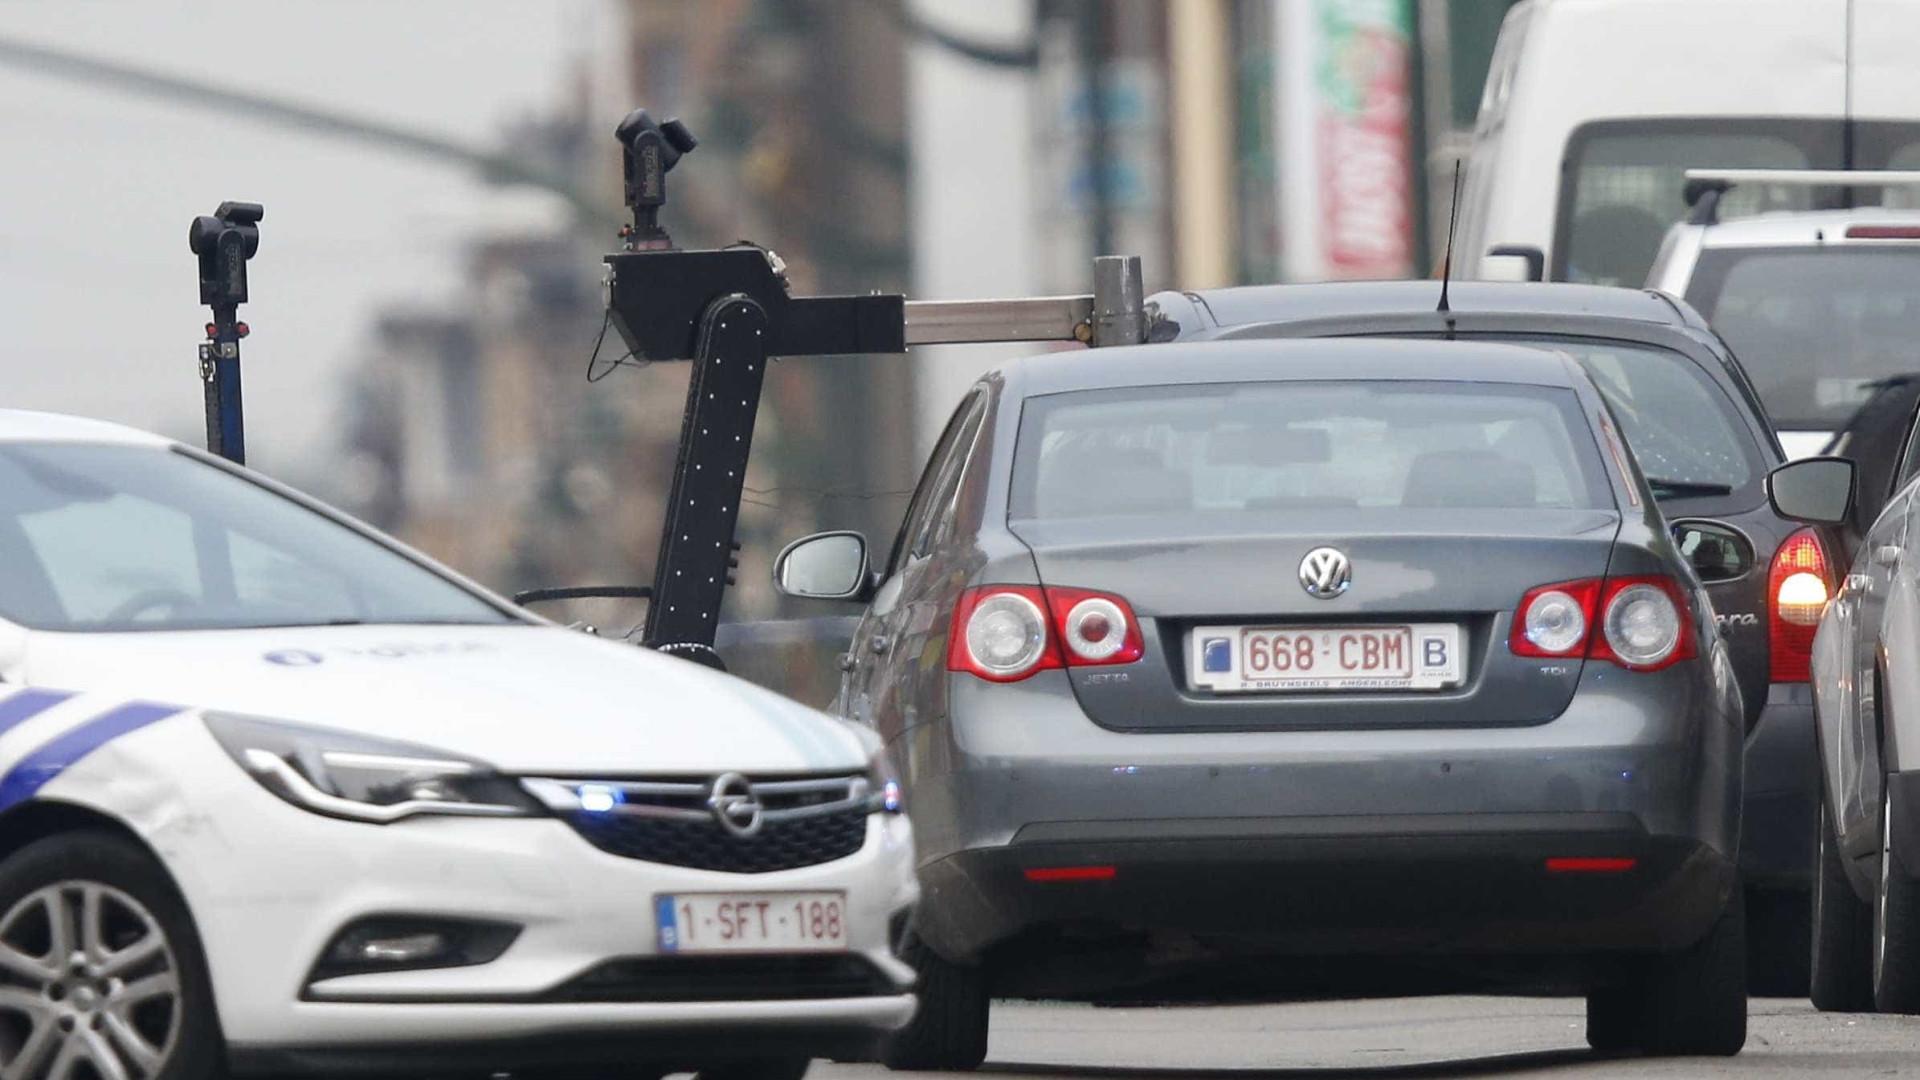 Bélgica. Interceptada viatura que poderá ter explosivos